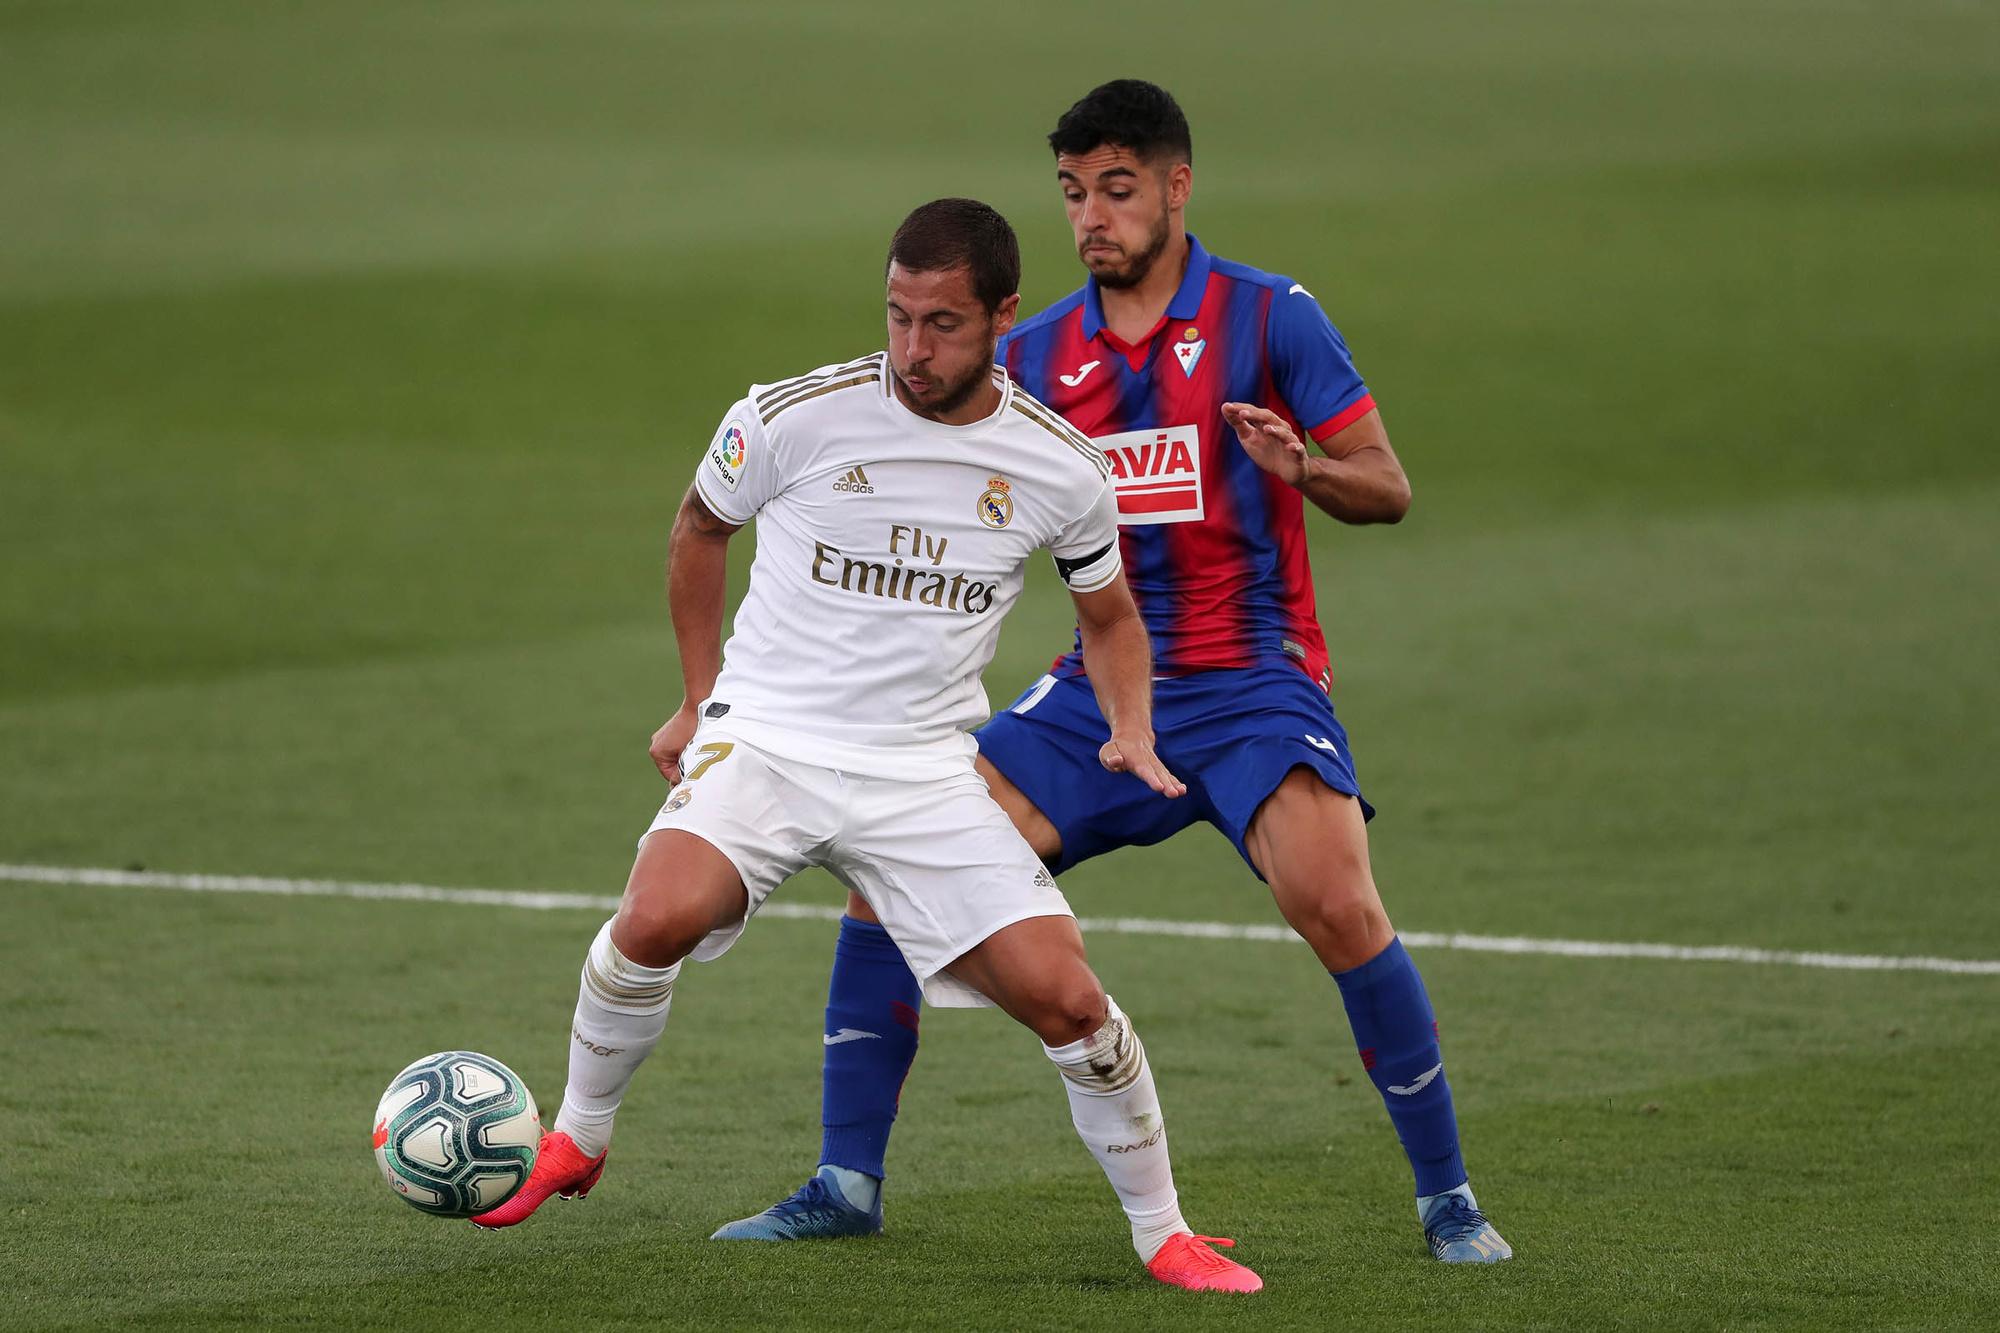 Door blessures heeft Madrid de echte Hazard nog niet kunnen bewonderen, GETTY